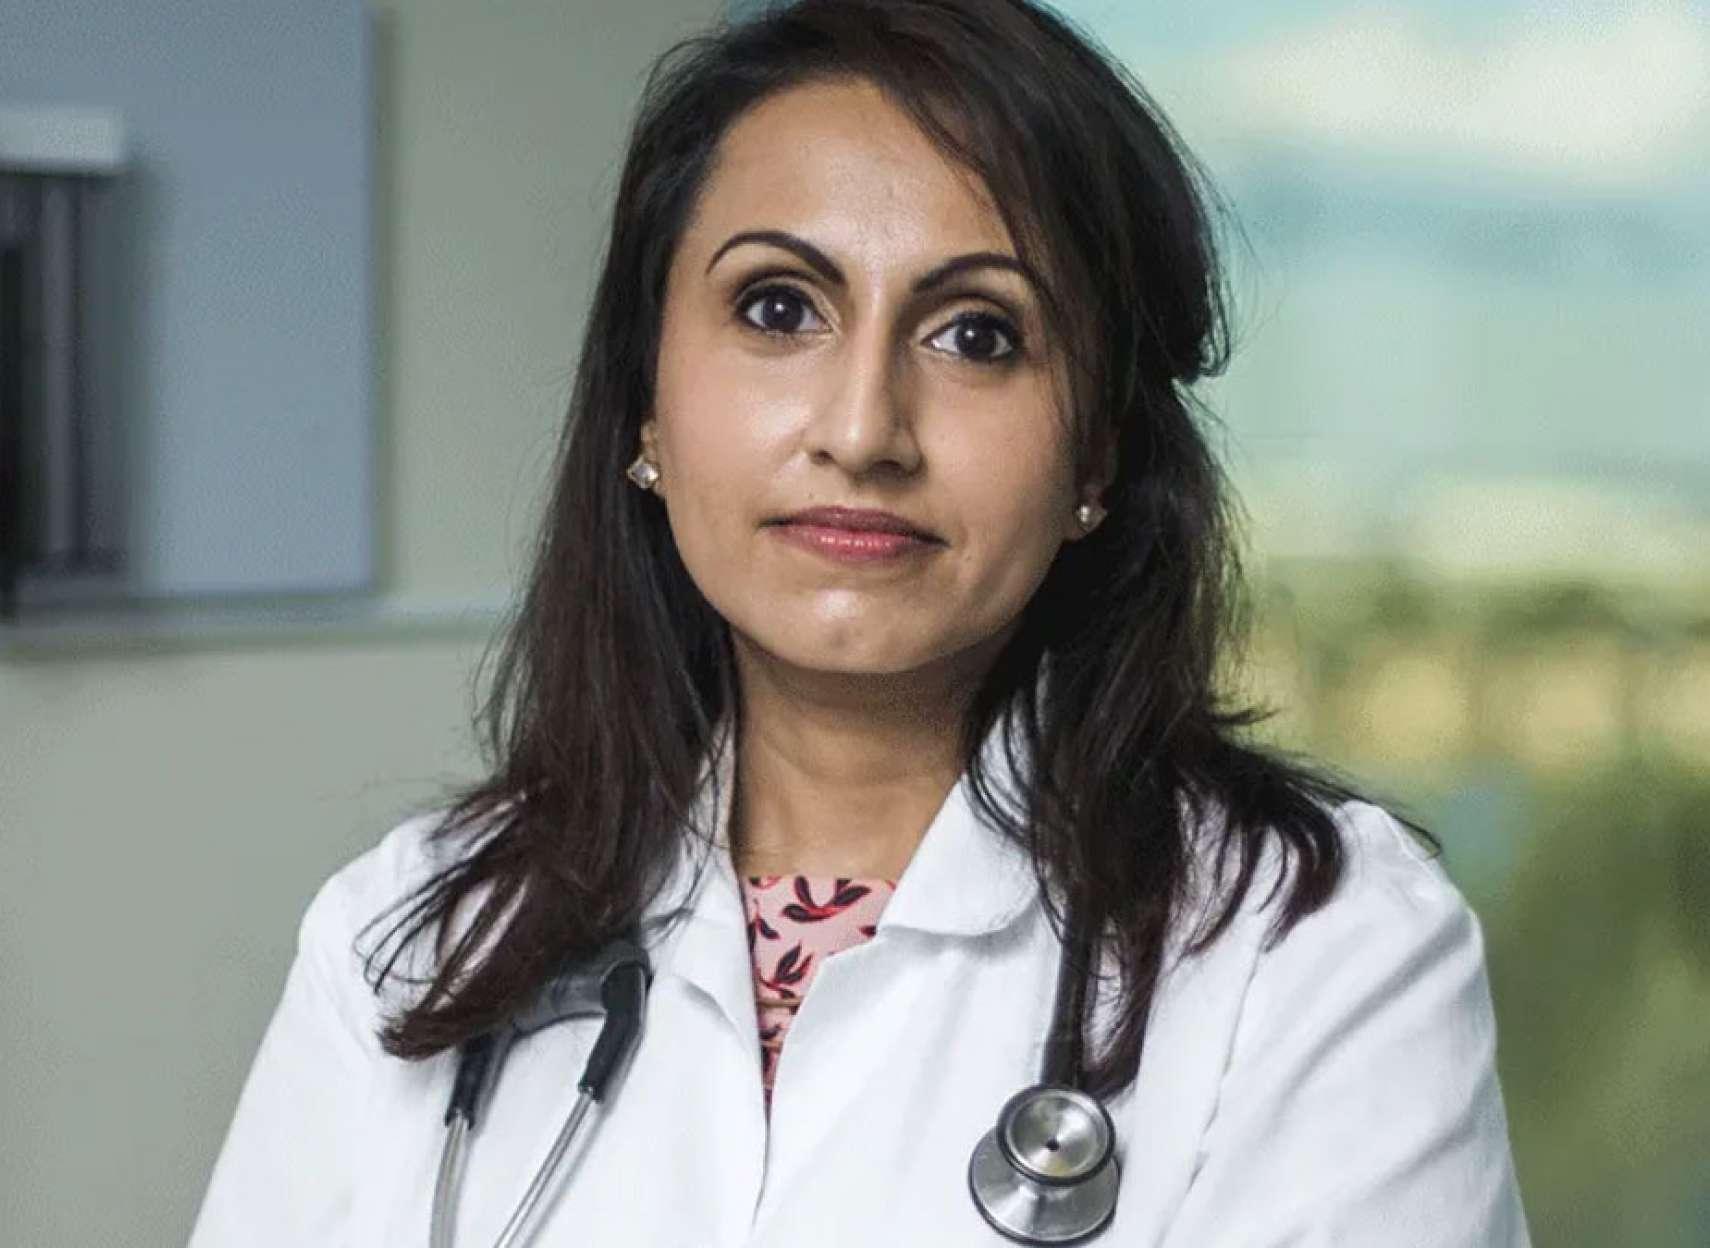 اخبار-تورنتو-اخطار-کالج-پزشکان-و-جراحان-انتاریو-به-پزشکی-که-کرونا-را-به-چالش-کشیده-با-درج-در-پرونده